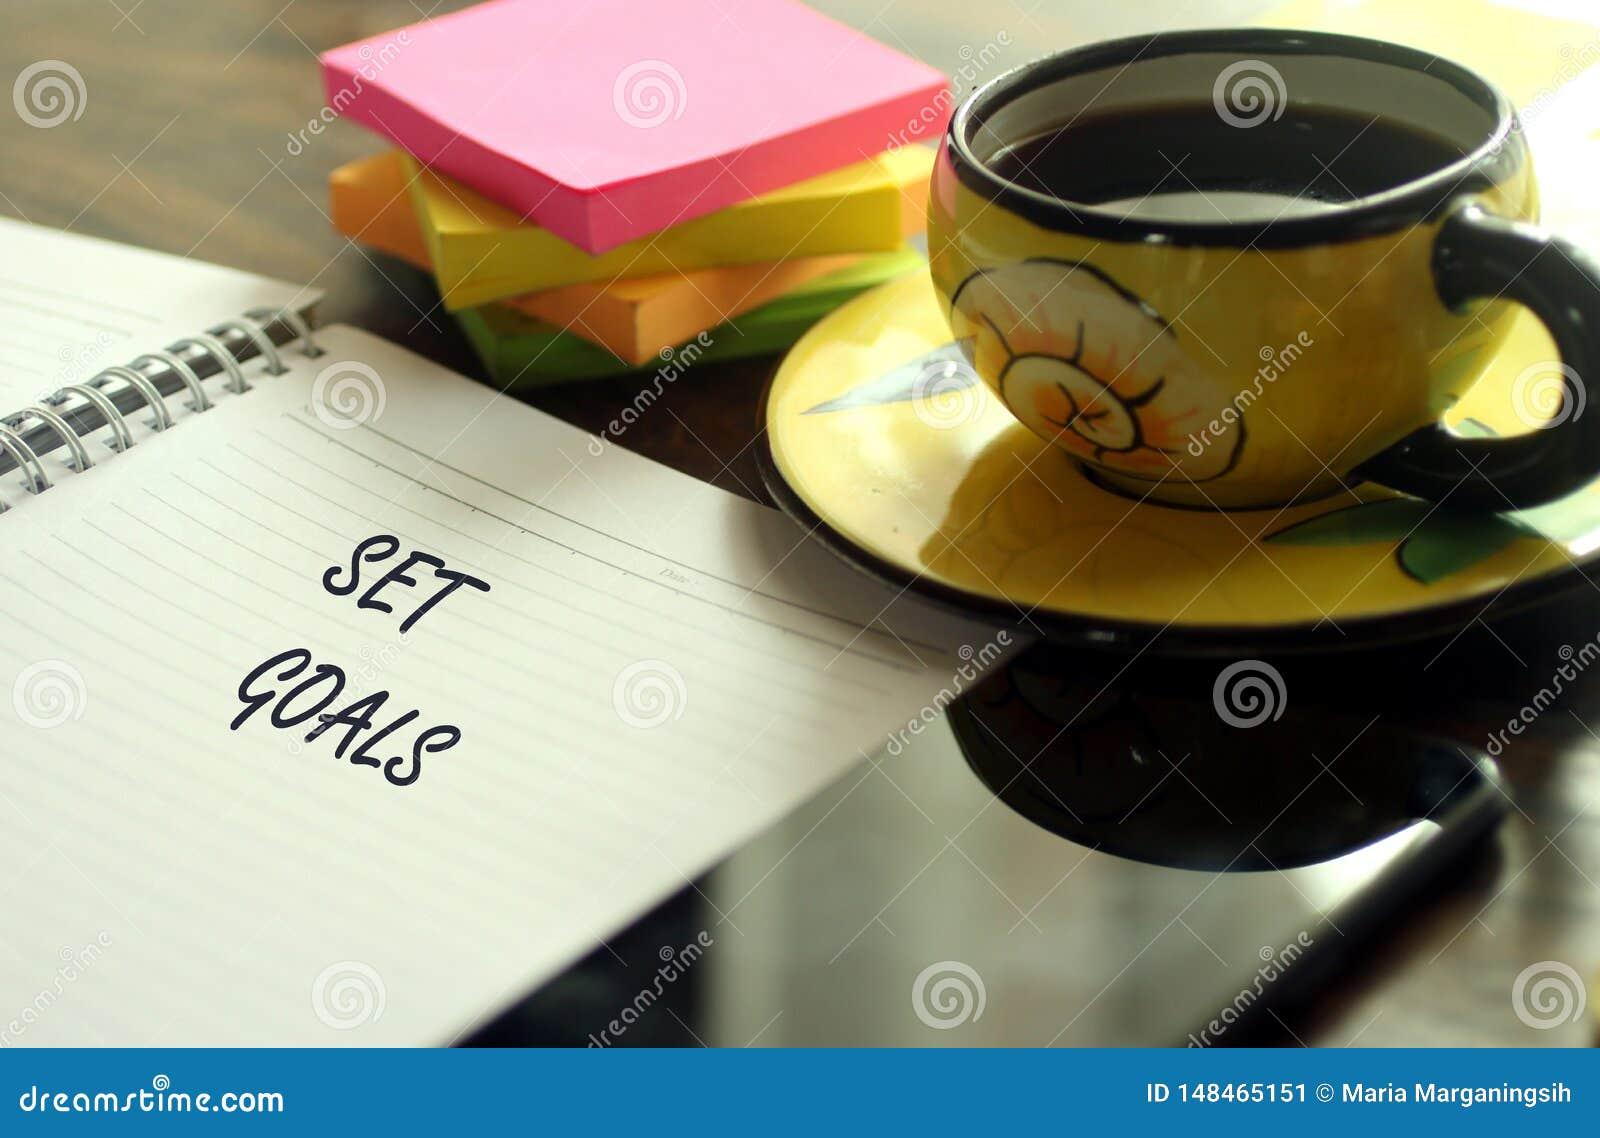 Erfolgsfotokonzept mit Kaffee und Notizbuch